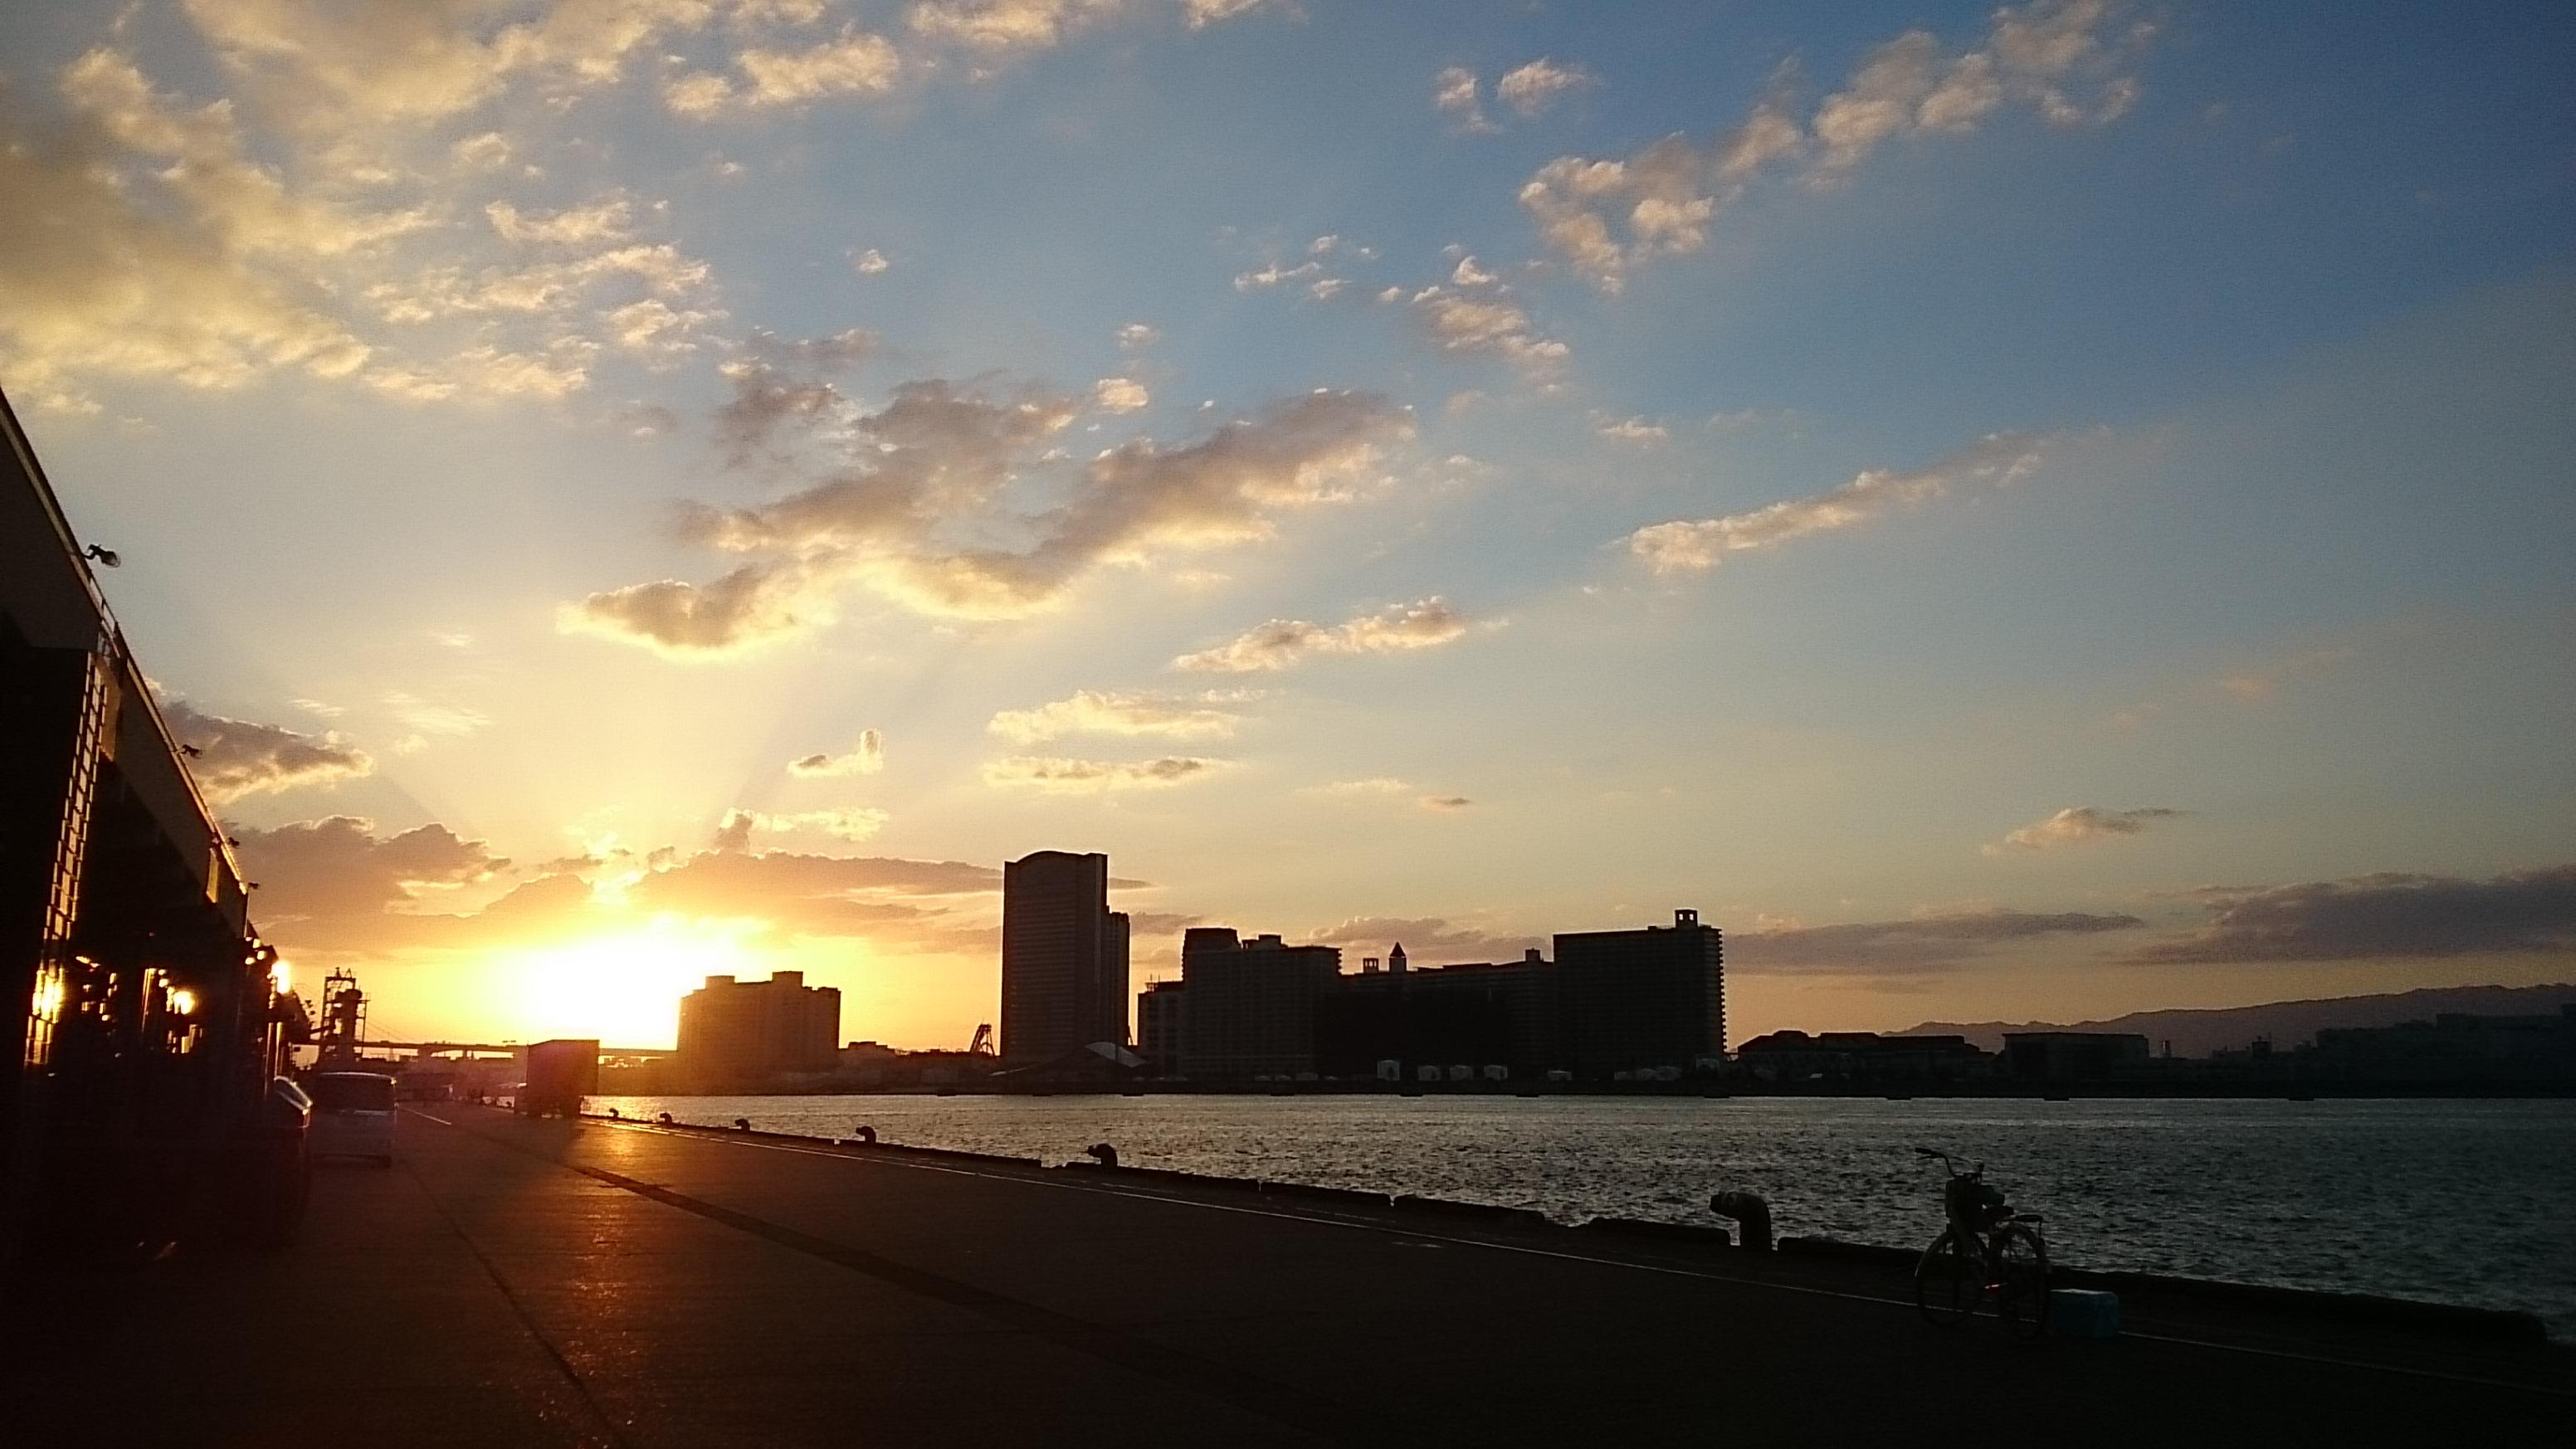 10/24午後4時50分頃 大阪港の夕日